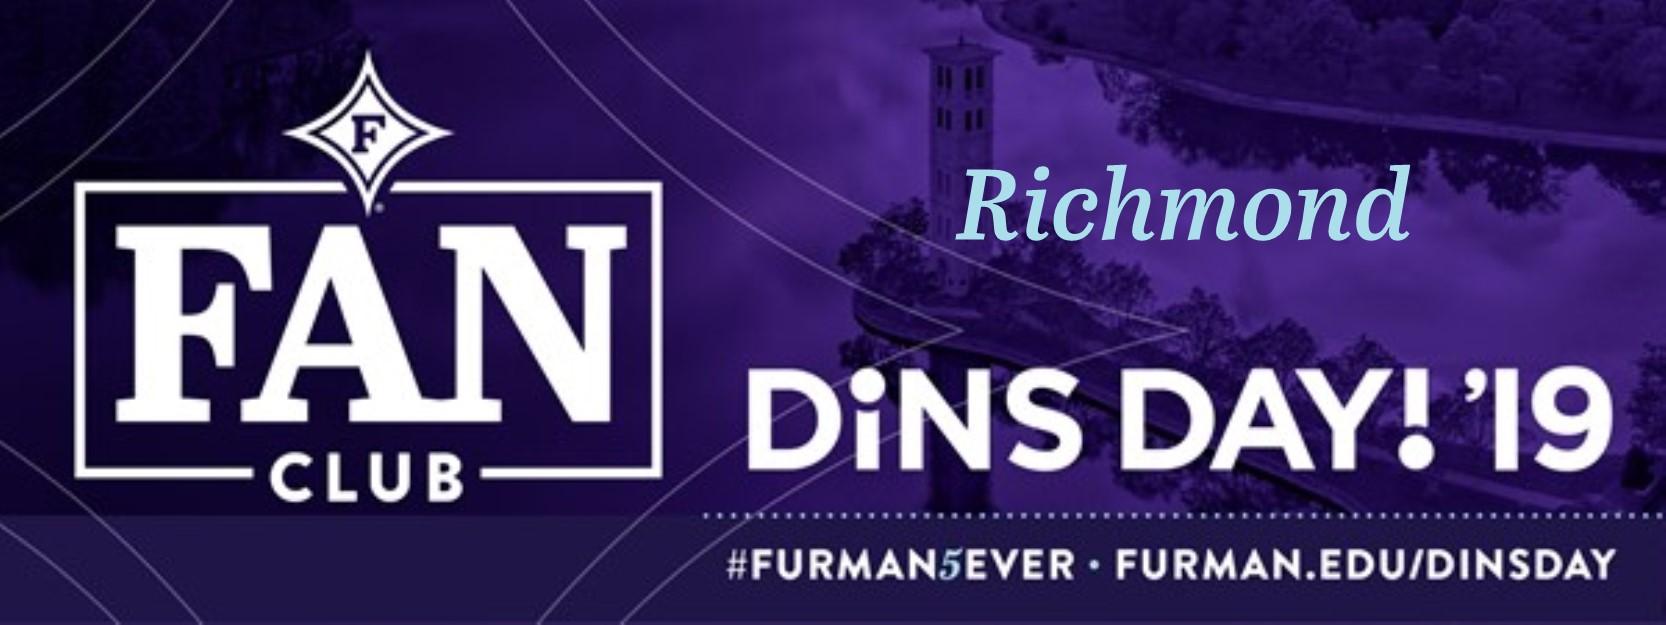 Richmond Dins Day